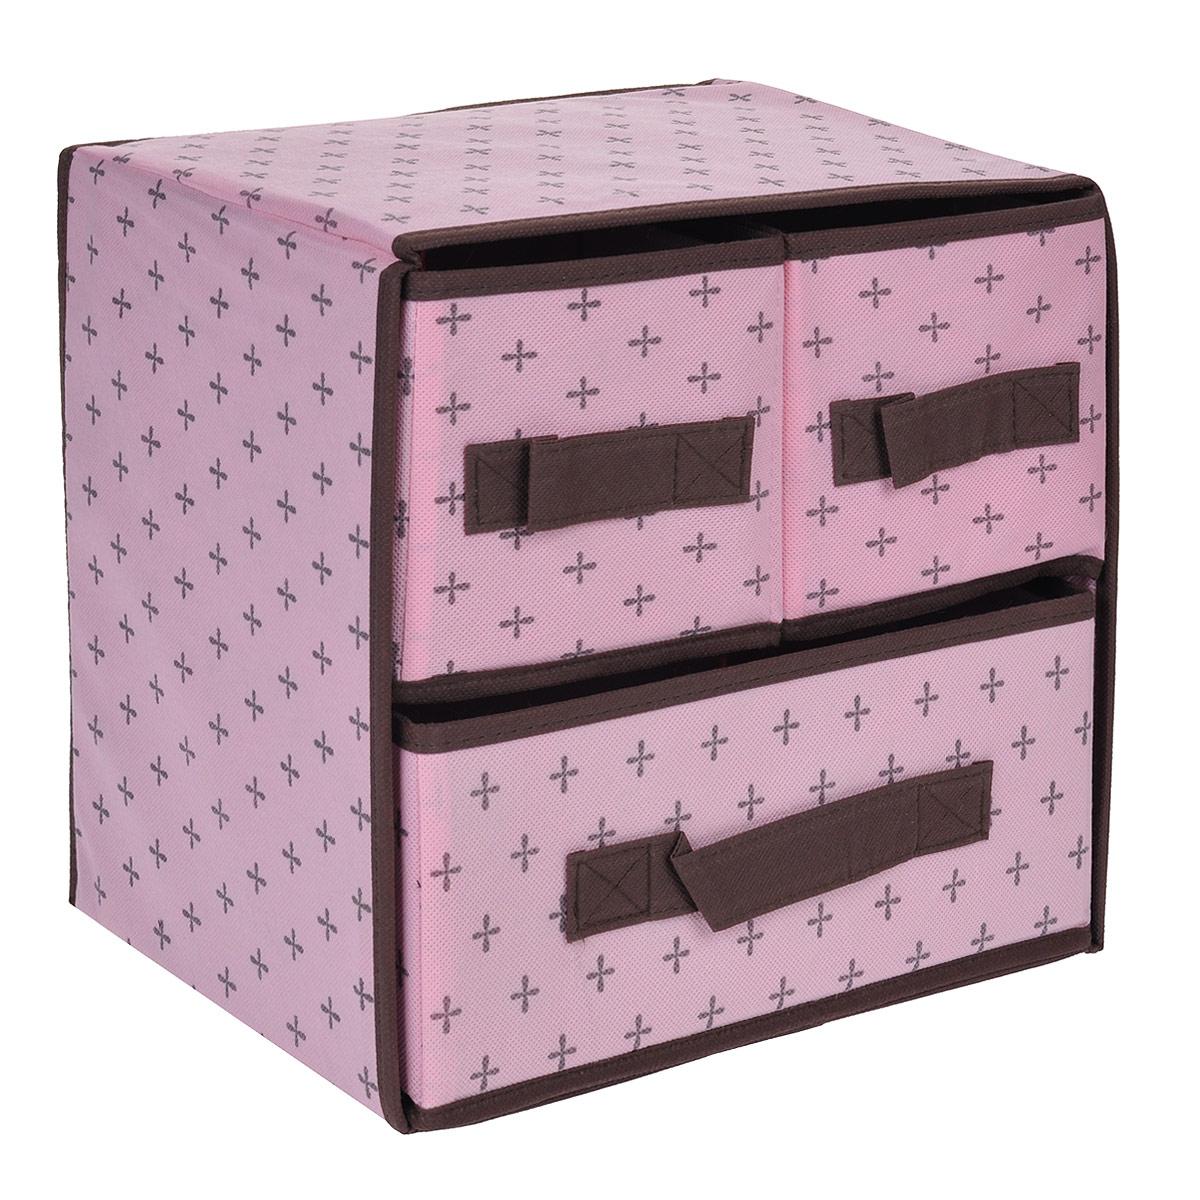 Кофр для хранения FS-6103, цвет: розовый, 29 х 23 х 28 смFS-6103Кофр для хранения с тремя отделениями FS-6103 изготовлен из высококачественного нетканого материала, который позволяет сохранять естественную вентиляцию, а воздуху свободно проникать внутрь, не пропуская пыль. Благодаря специальным вставкам, кофр прекрасно держит форму, а эстетичный дизайн гармонично смотрится в любом интерьере. Мобильность конструкции обеспечивает складывание и раскладывание одним движением. Такой кофр сэкономит место и сохранит порядок в доме. Характеристики: Материал: нетканый материал. Цвет: розовый. Размер кофра (Ш х Д х В): 29 см х 23 см х 28 см.